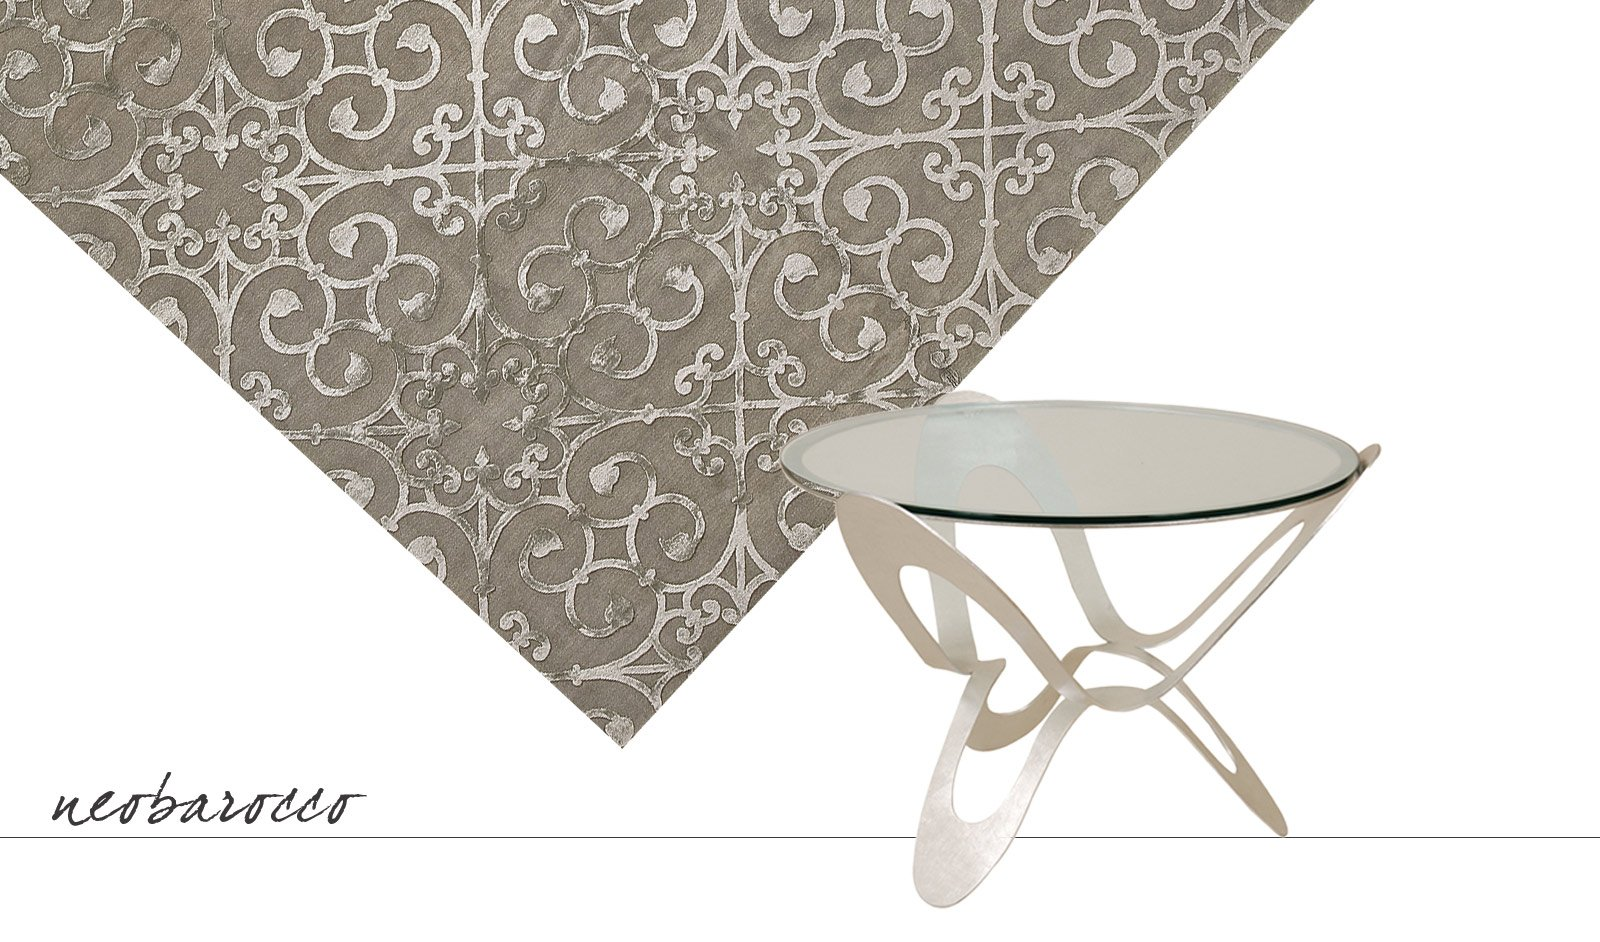 Tavolino e tappeto abbinamenti per stile e colori cose di casa - Tappeti ikea prezzi ...